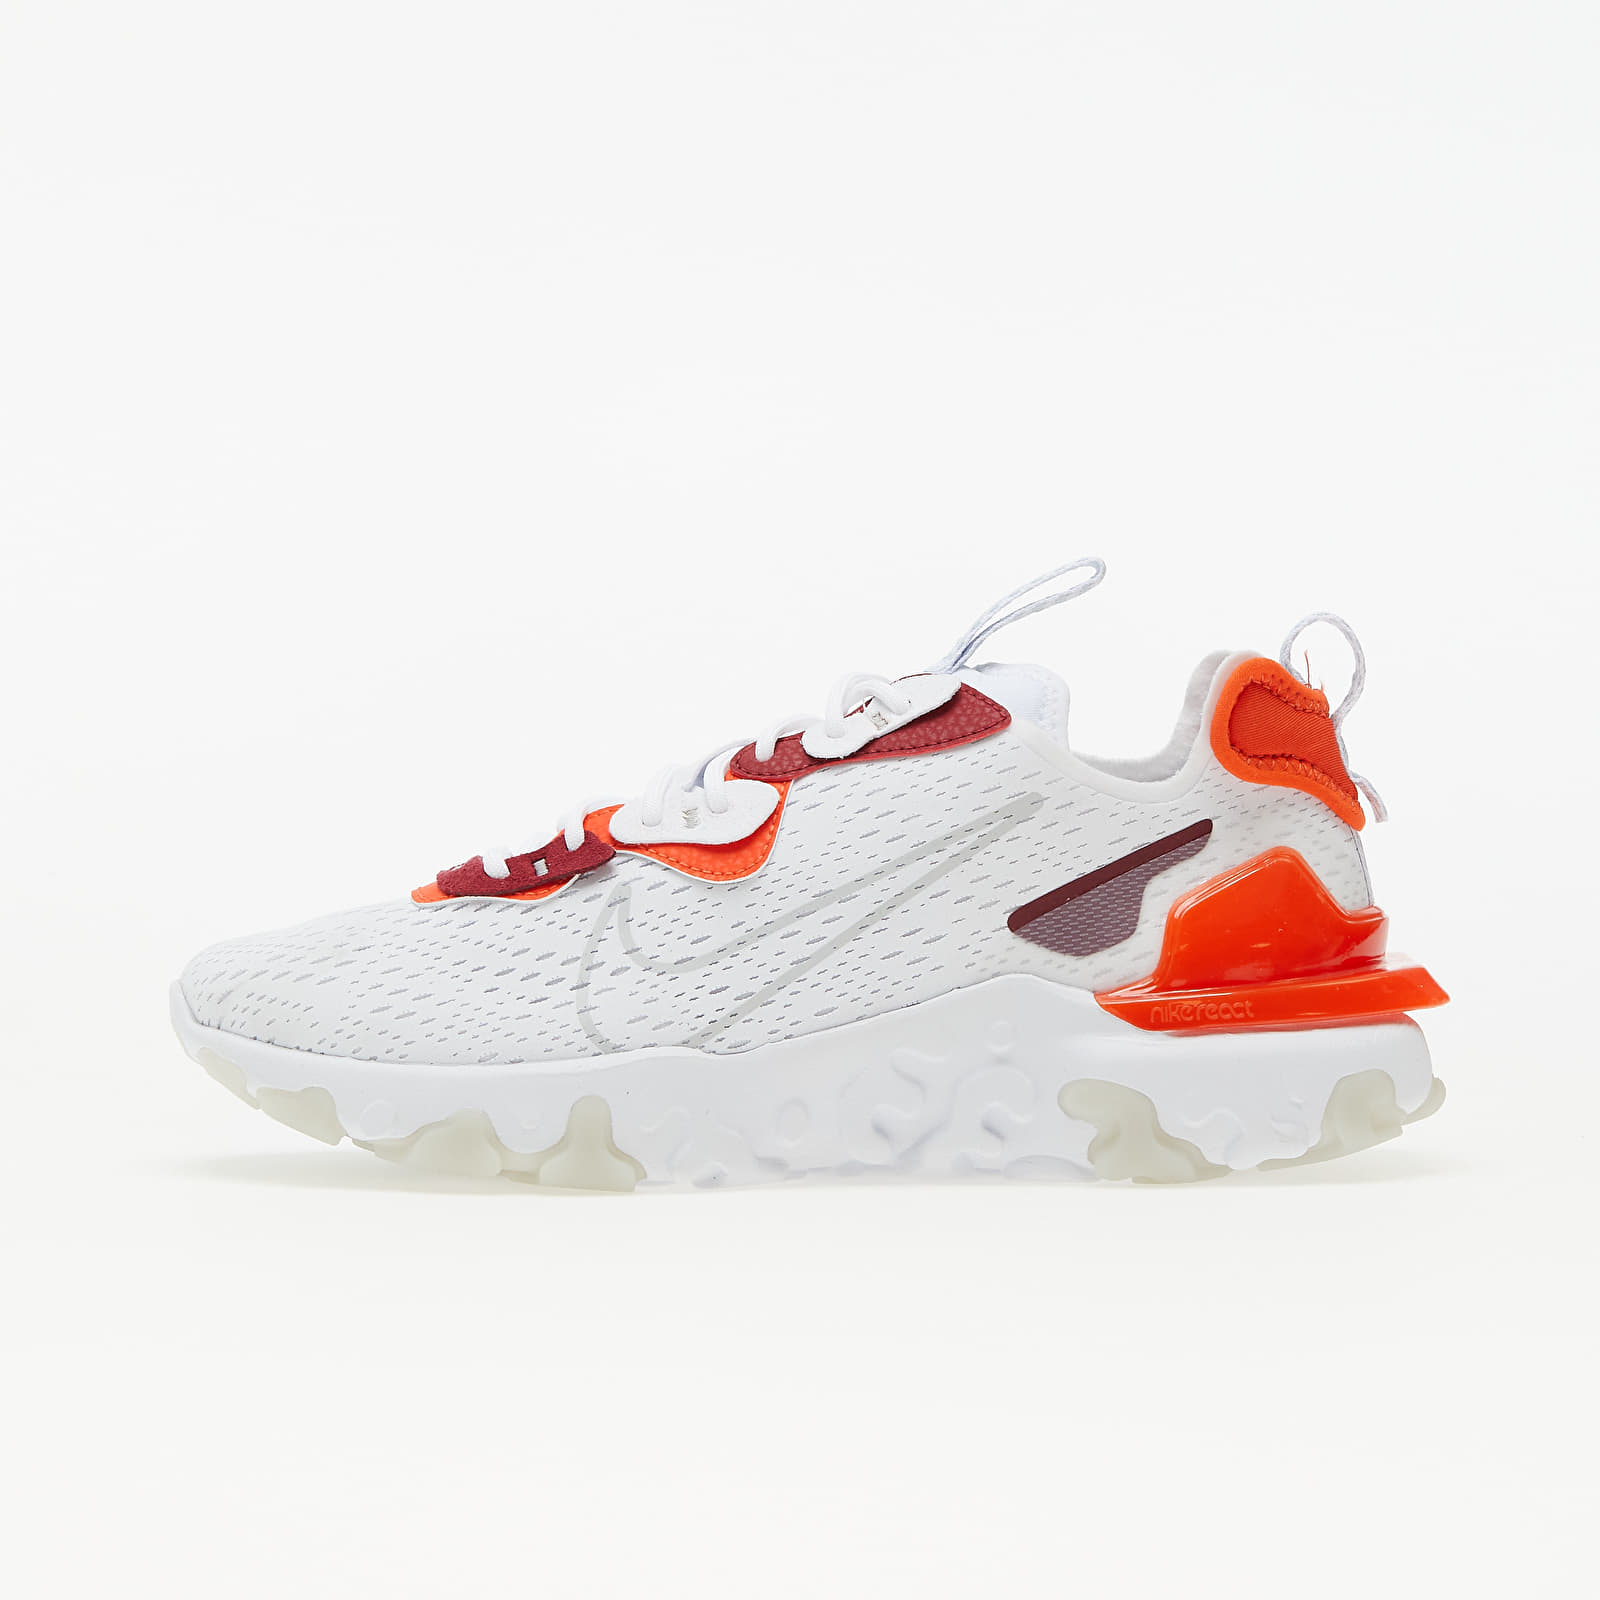 Nike React Vision White/ Lt Smoke Grey-Team Orange-Team Red EUR 42.5